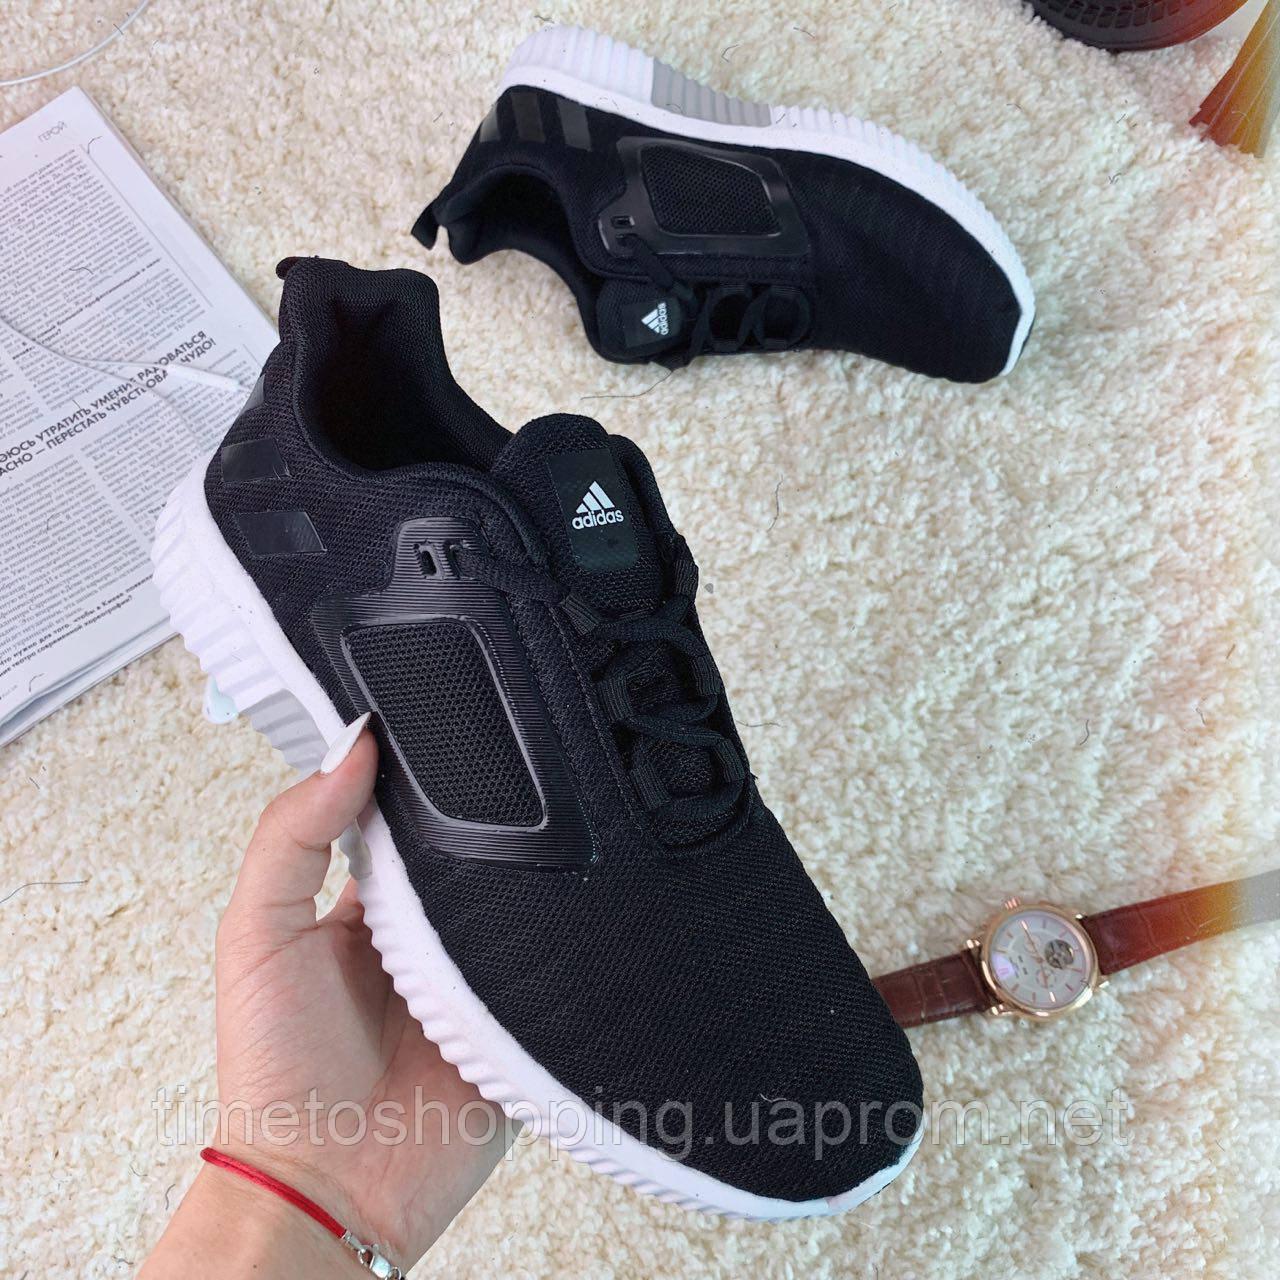 Кроссовки женские Adidas ClimaCool M 30098 ⏩ [ РАЗМЕР 40 ]